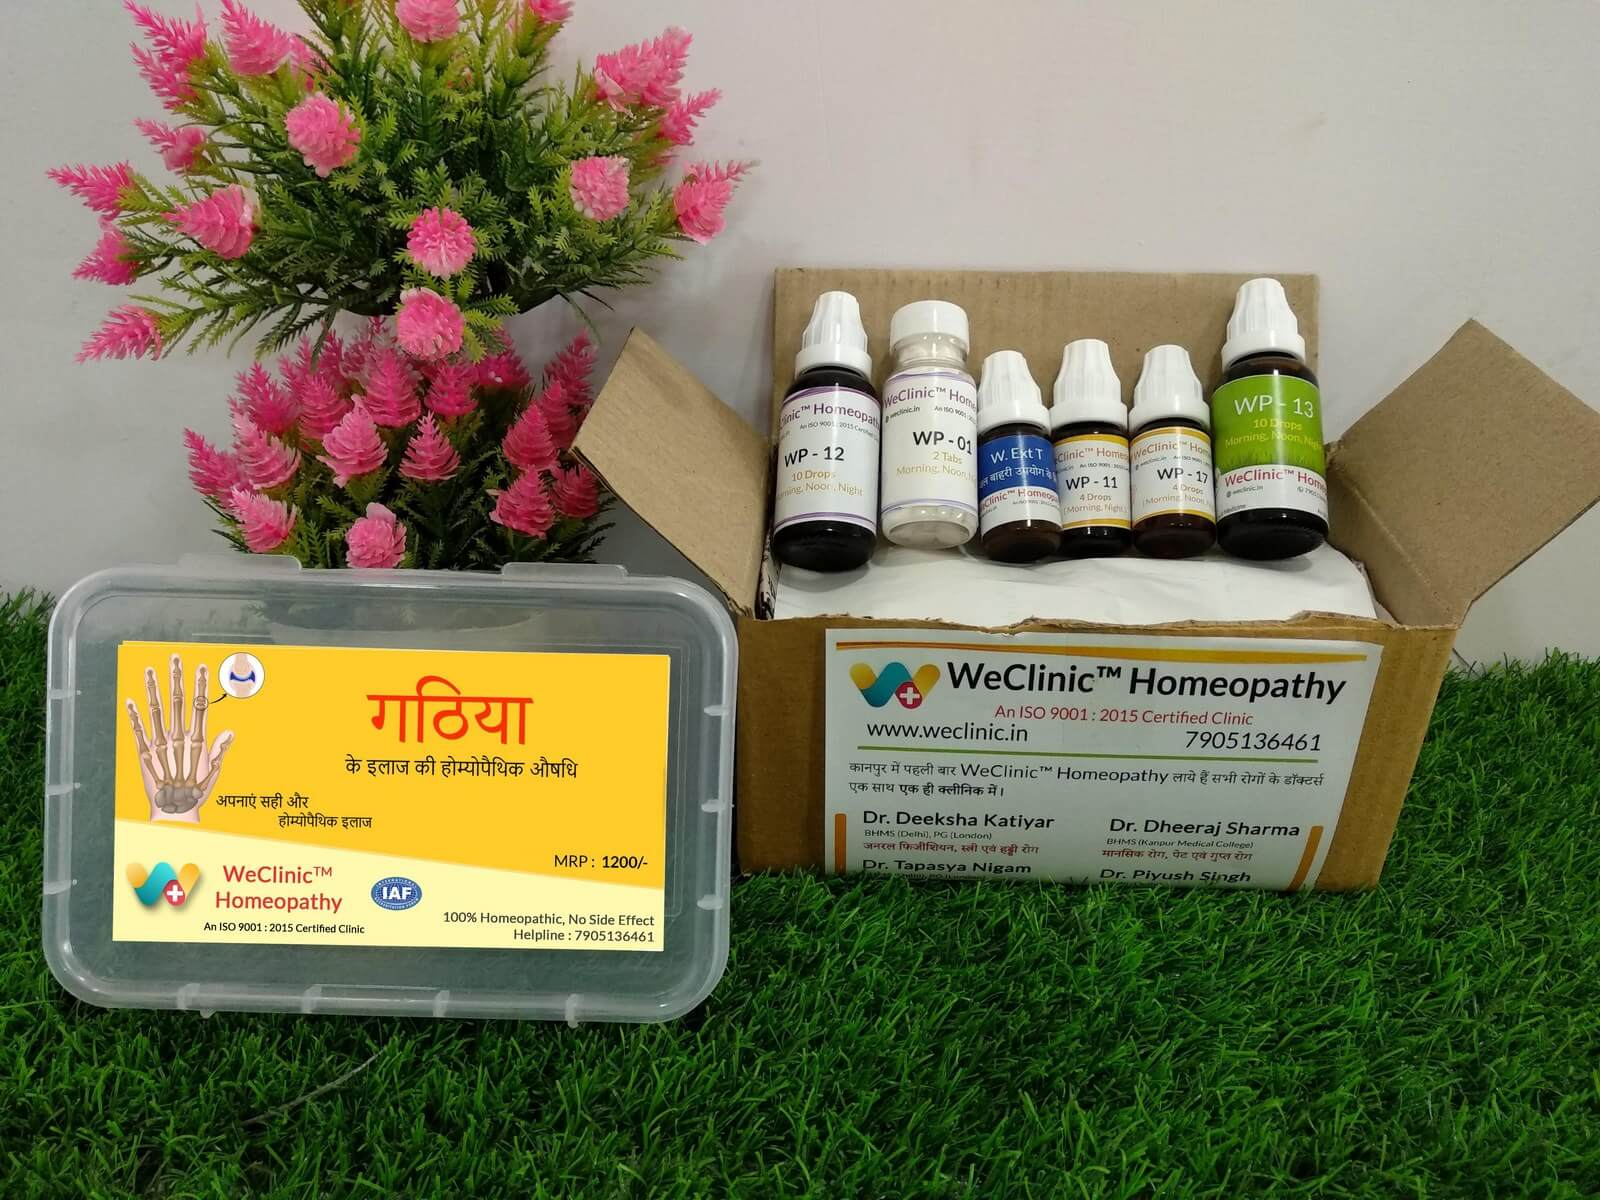 Gathiya Treatment WeClinic Homeopathy